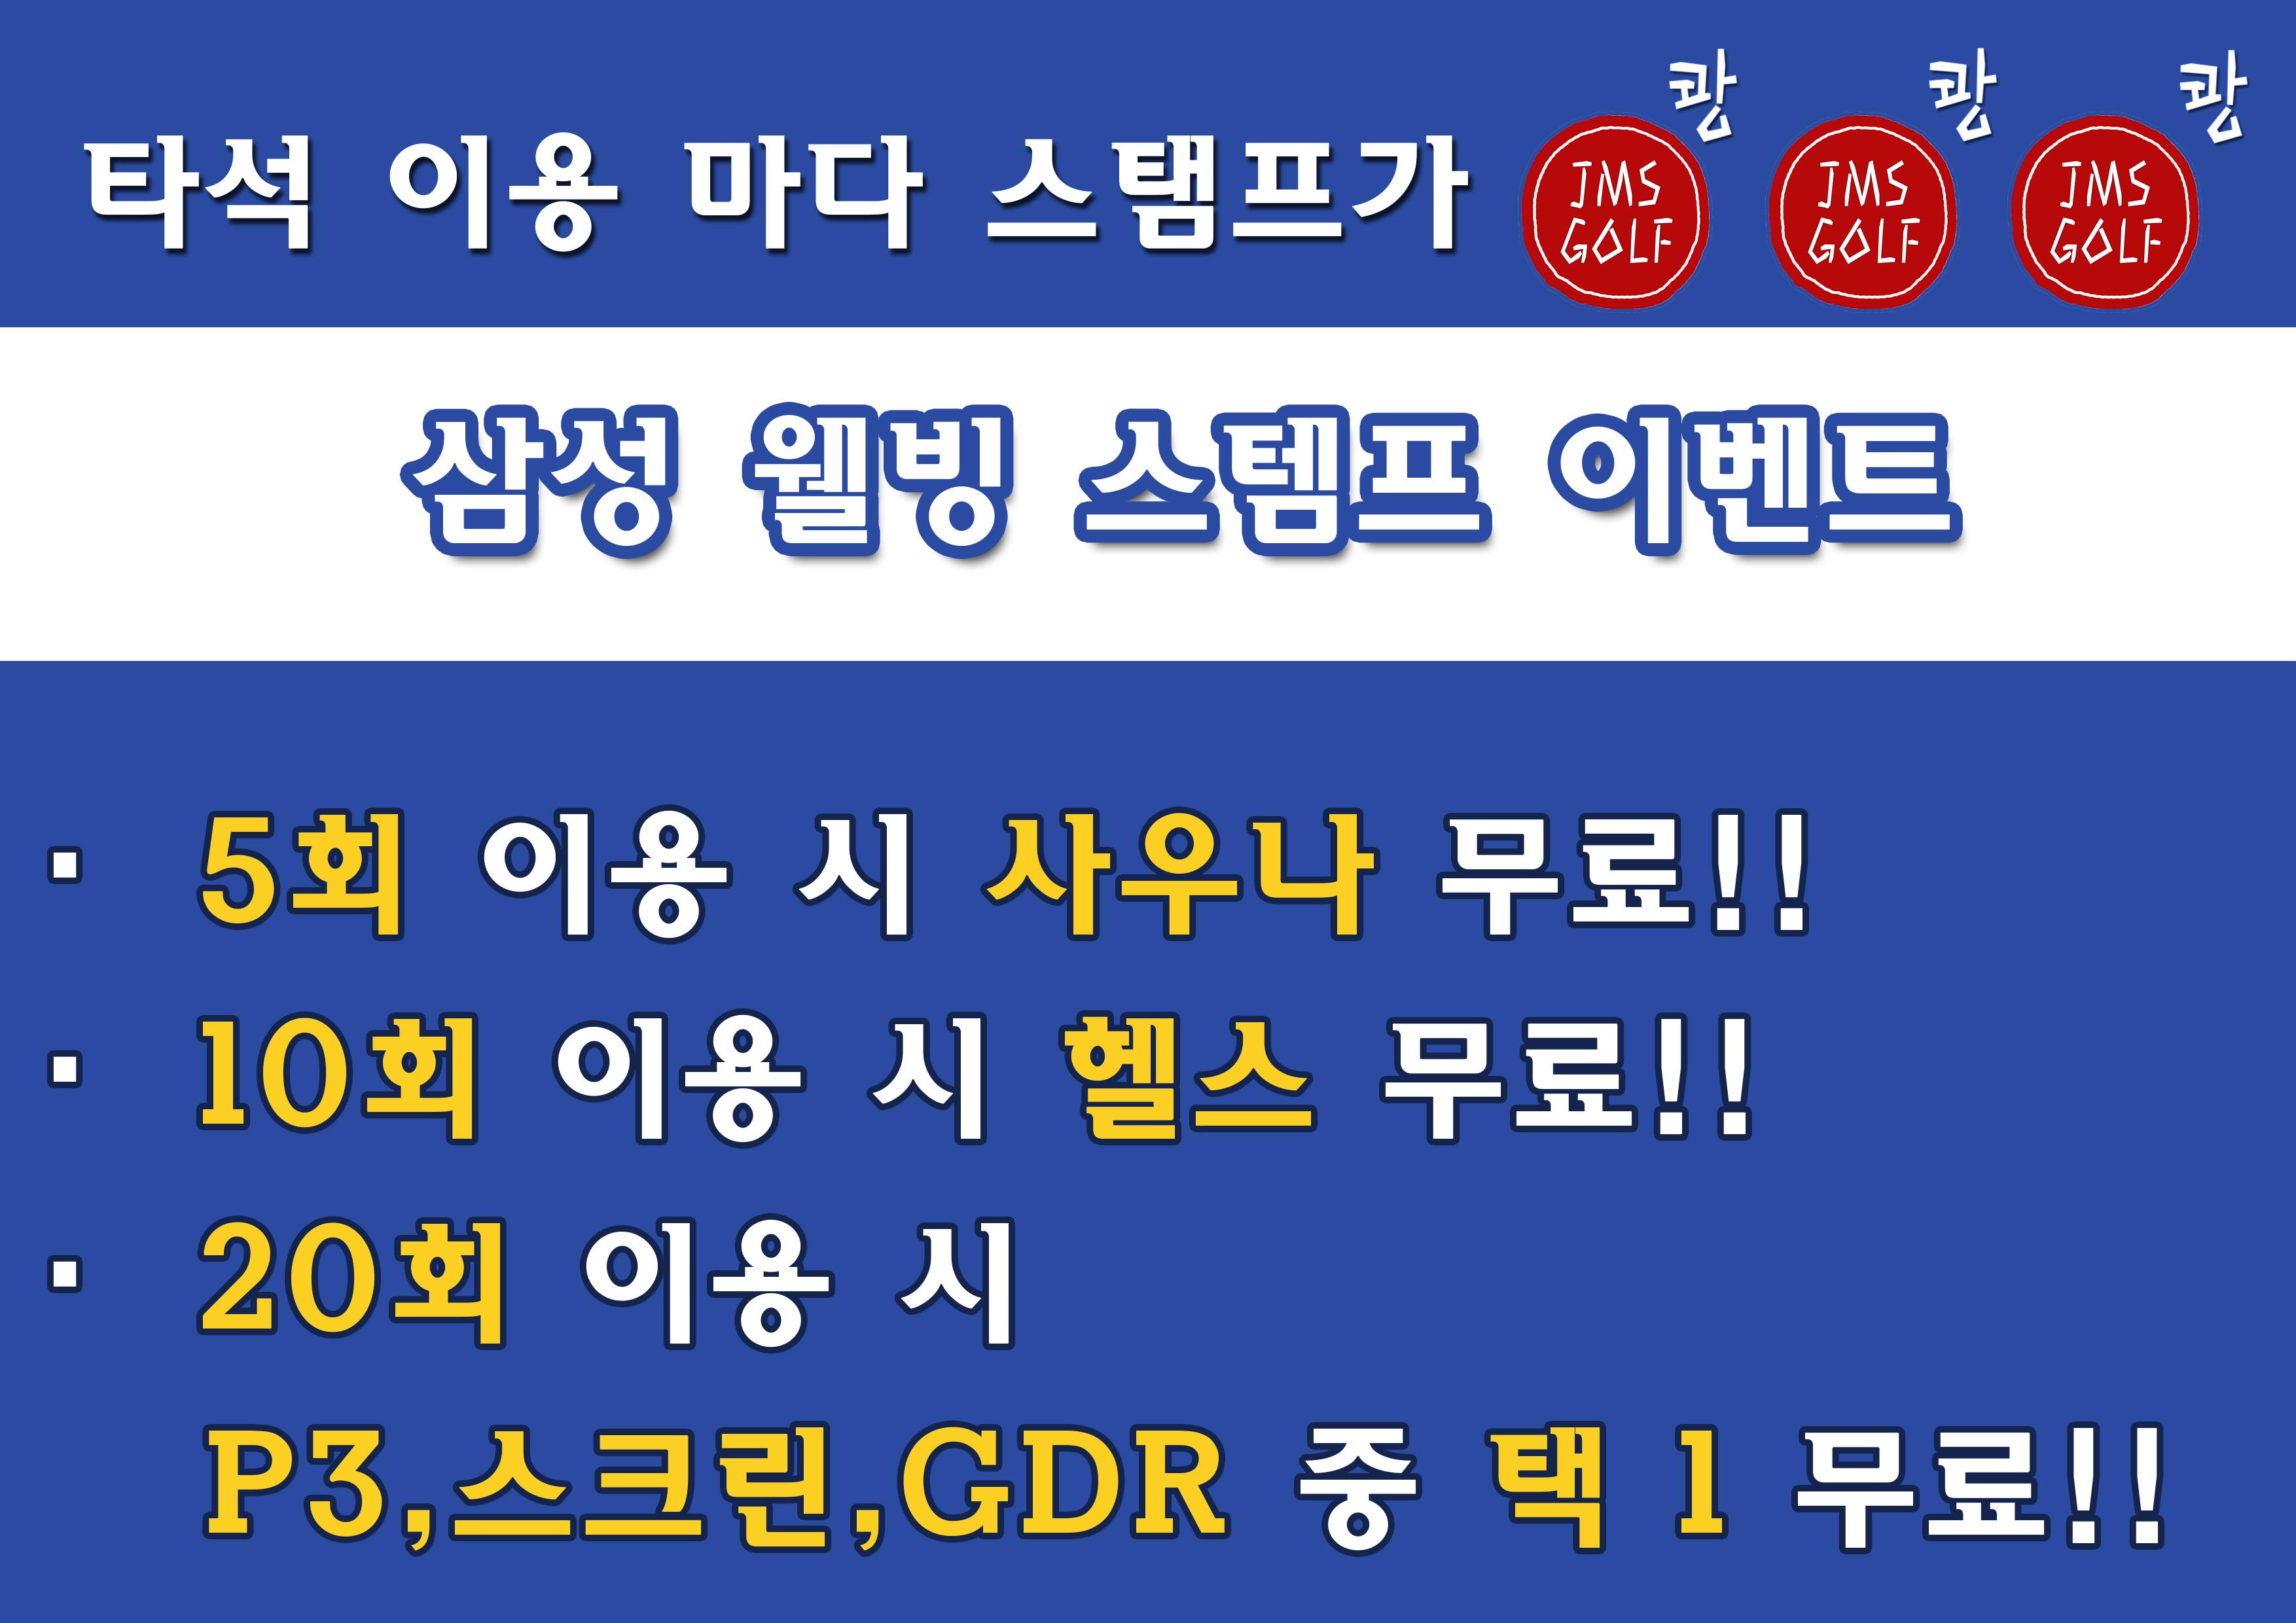 [기흥점]삼성 웰빙 스템프 이벤트!!